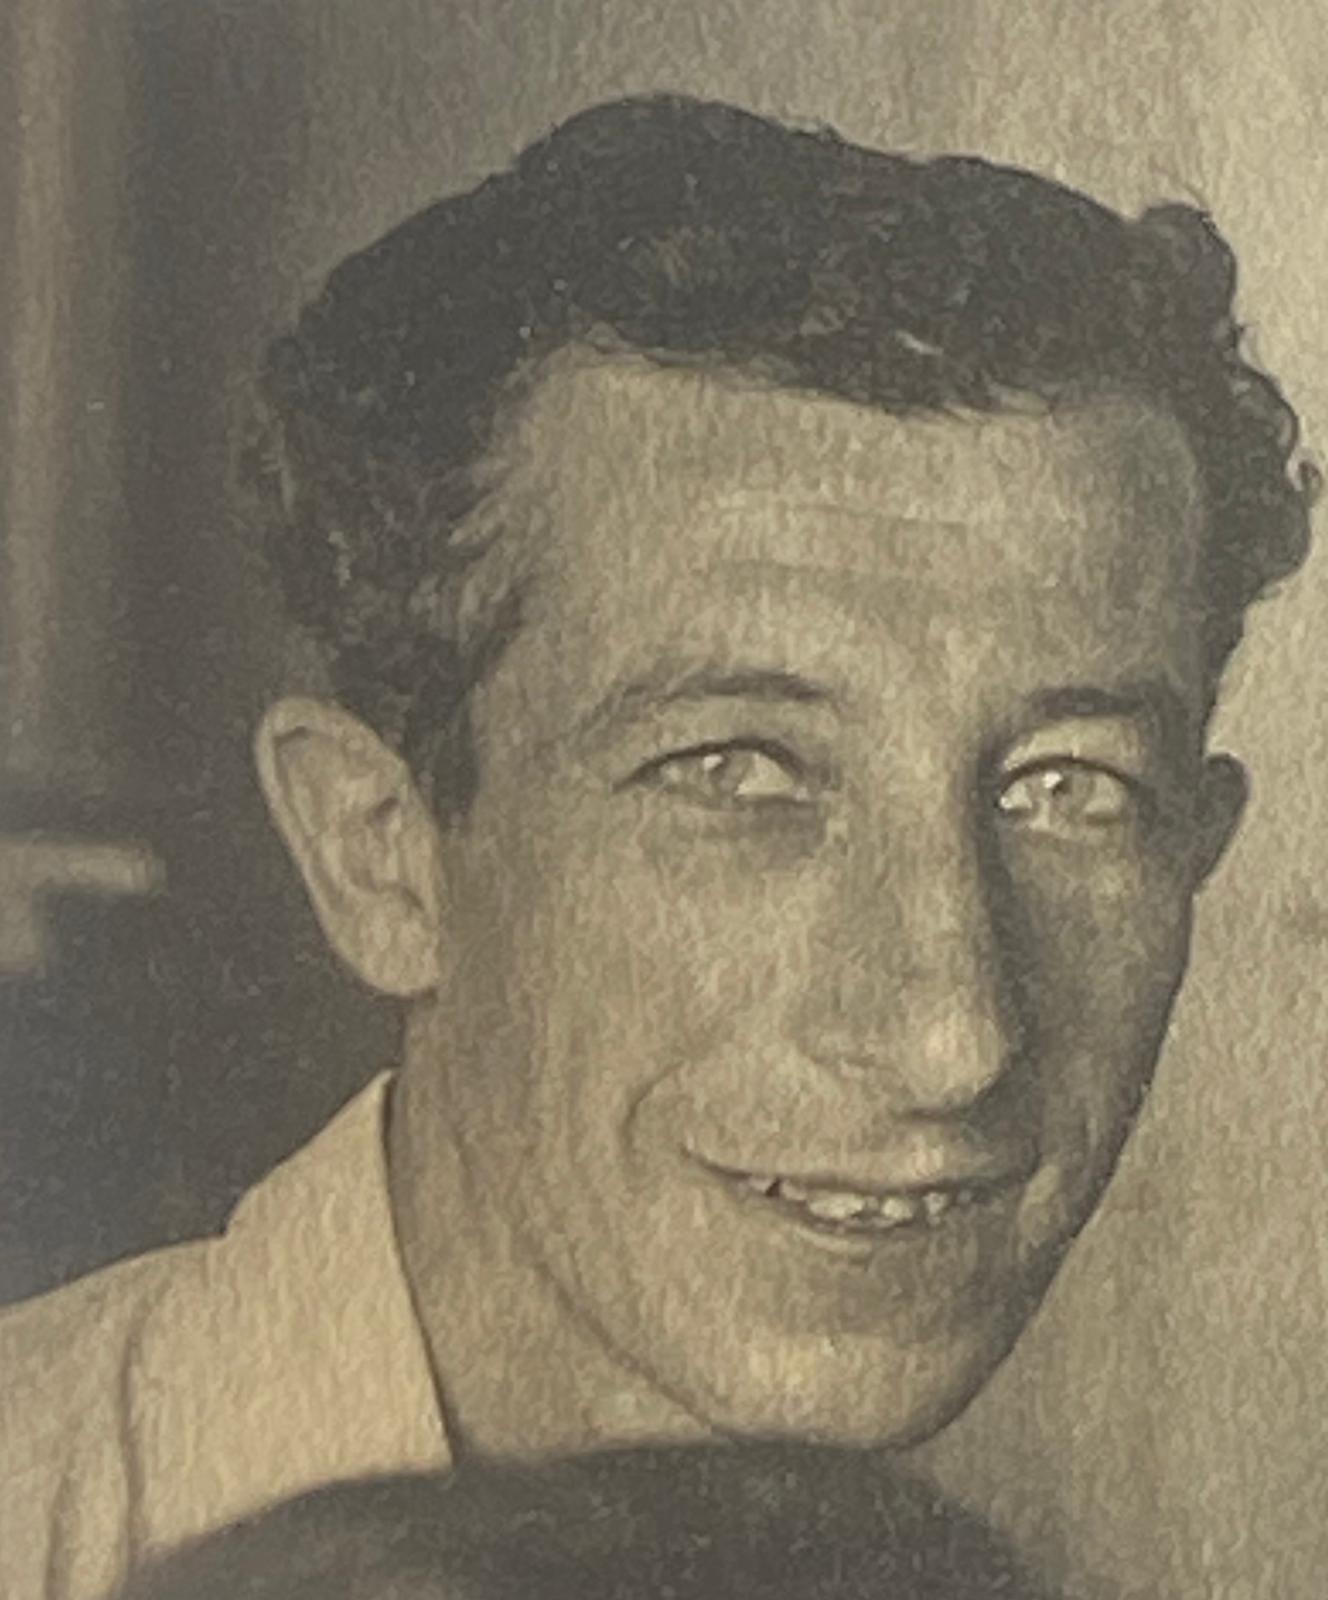 מקס גולדמן